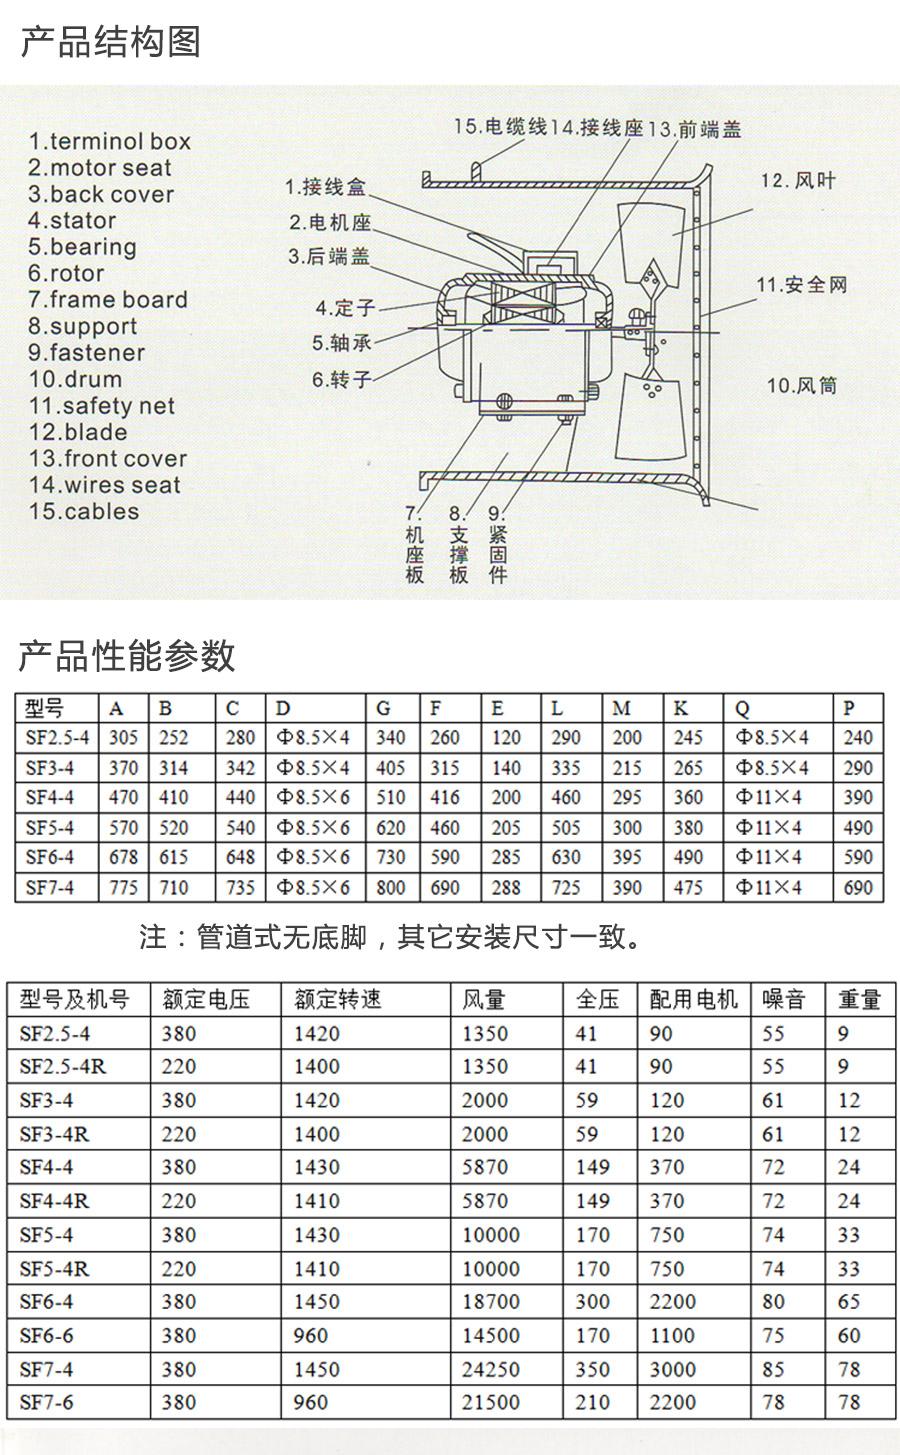 SF5#R单相管道式型号电机安装和尺寸与外形尺寸图8